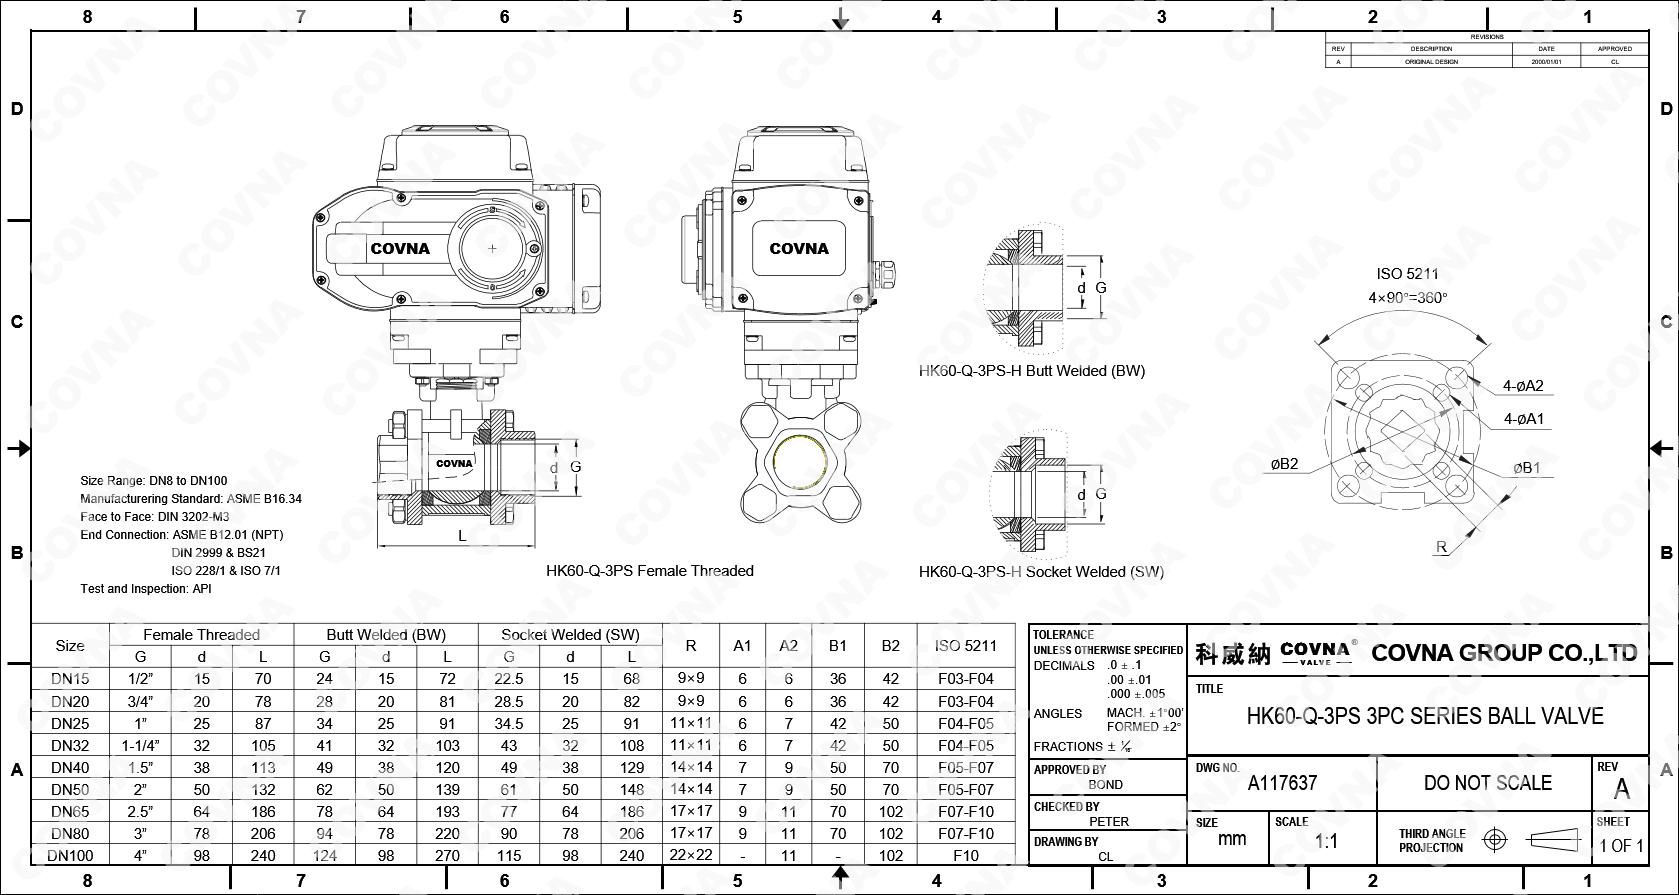 科威纳电动三片式球阀外形尺寸图.jpg